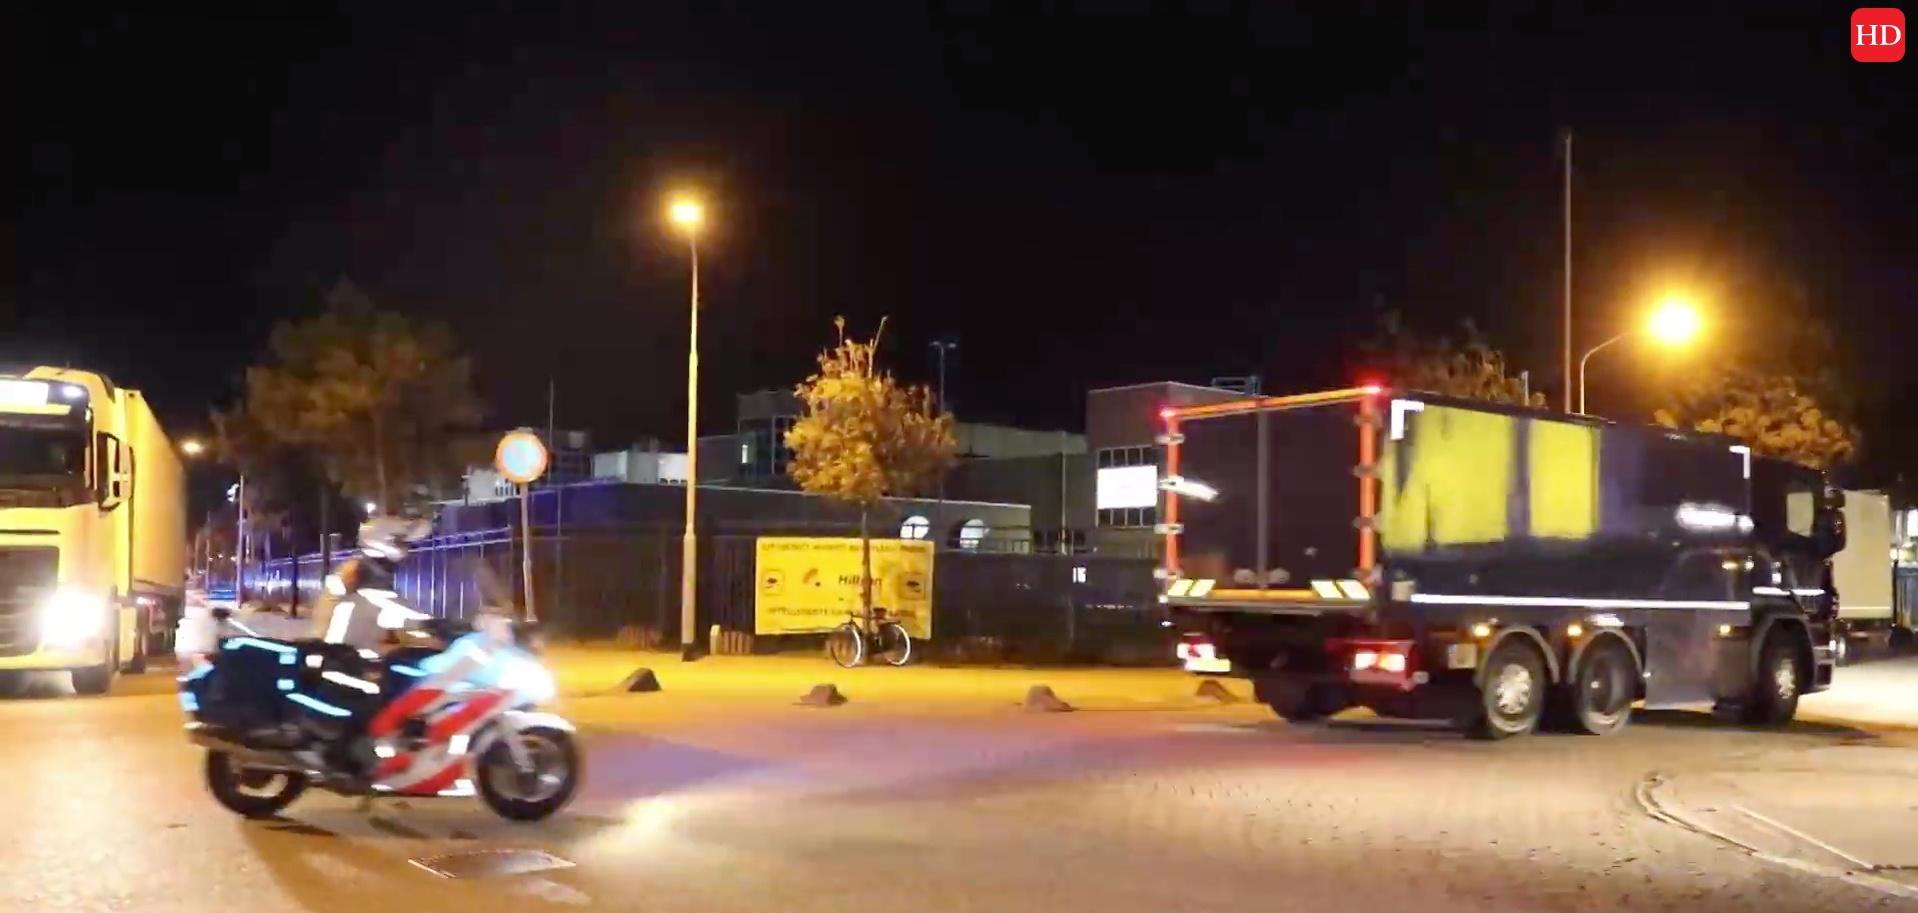 Megaoperatie afgerond, 14,5 miljard euro aan goud en bankbiljetten opgeslagen in Haarlemse kluizen